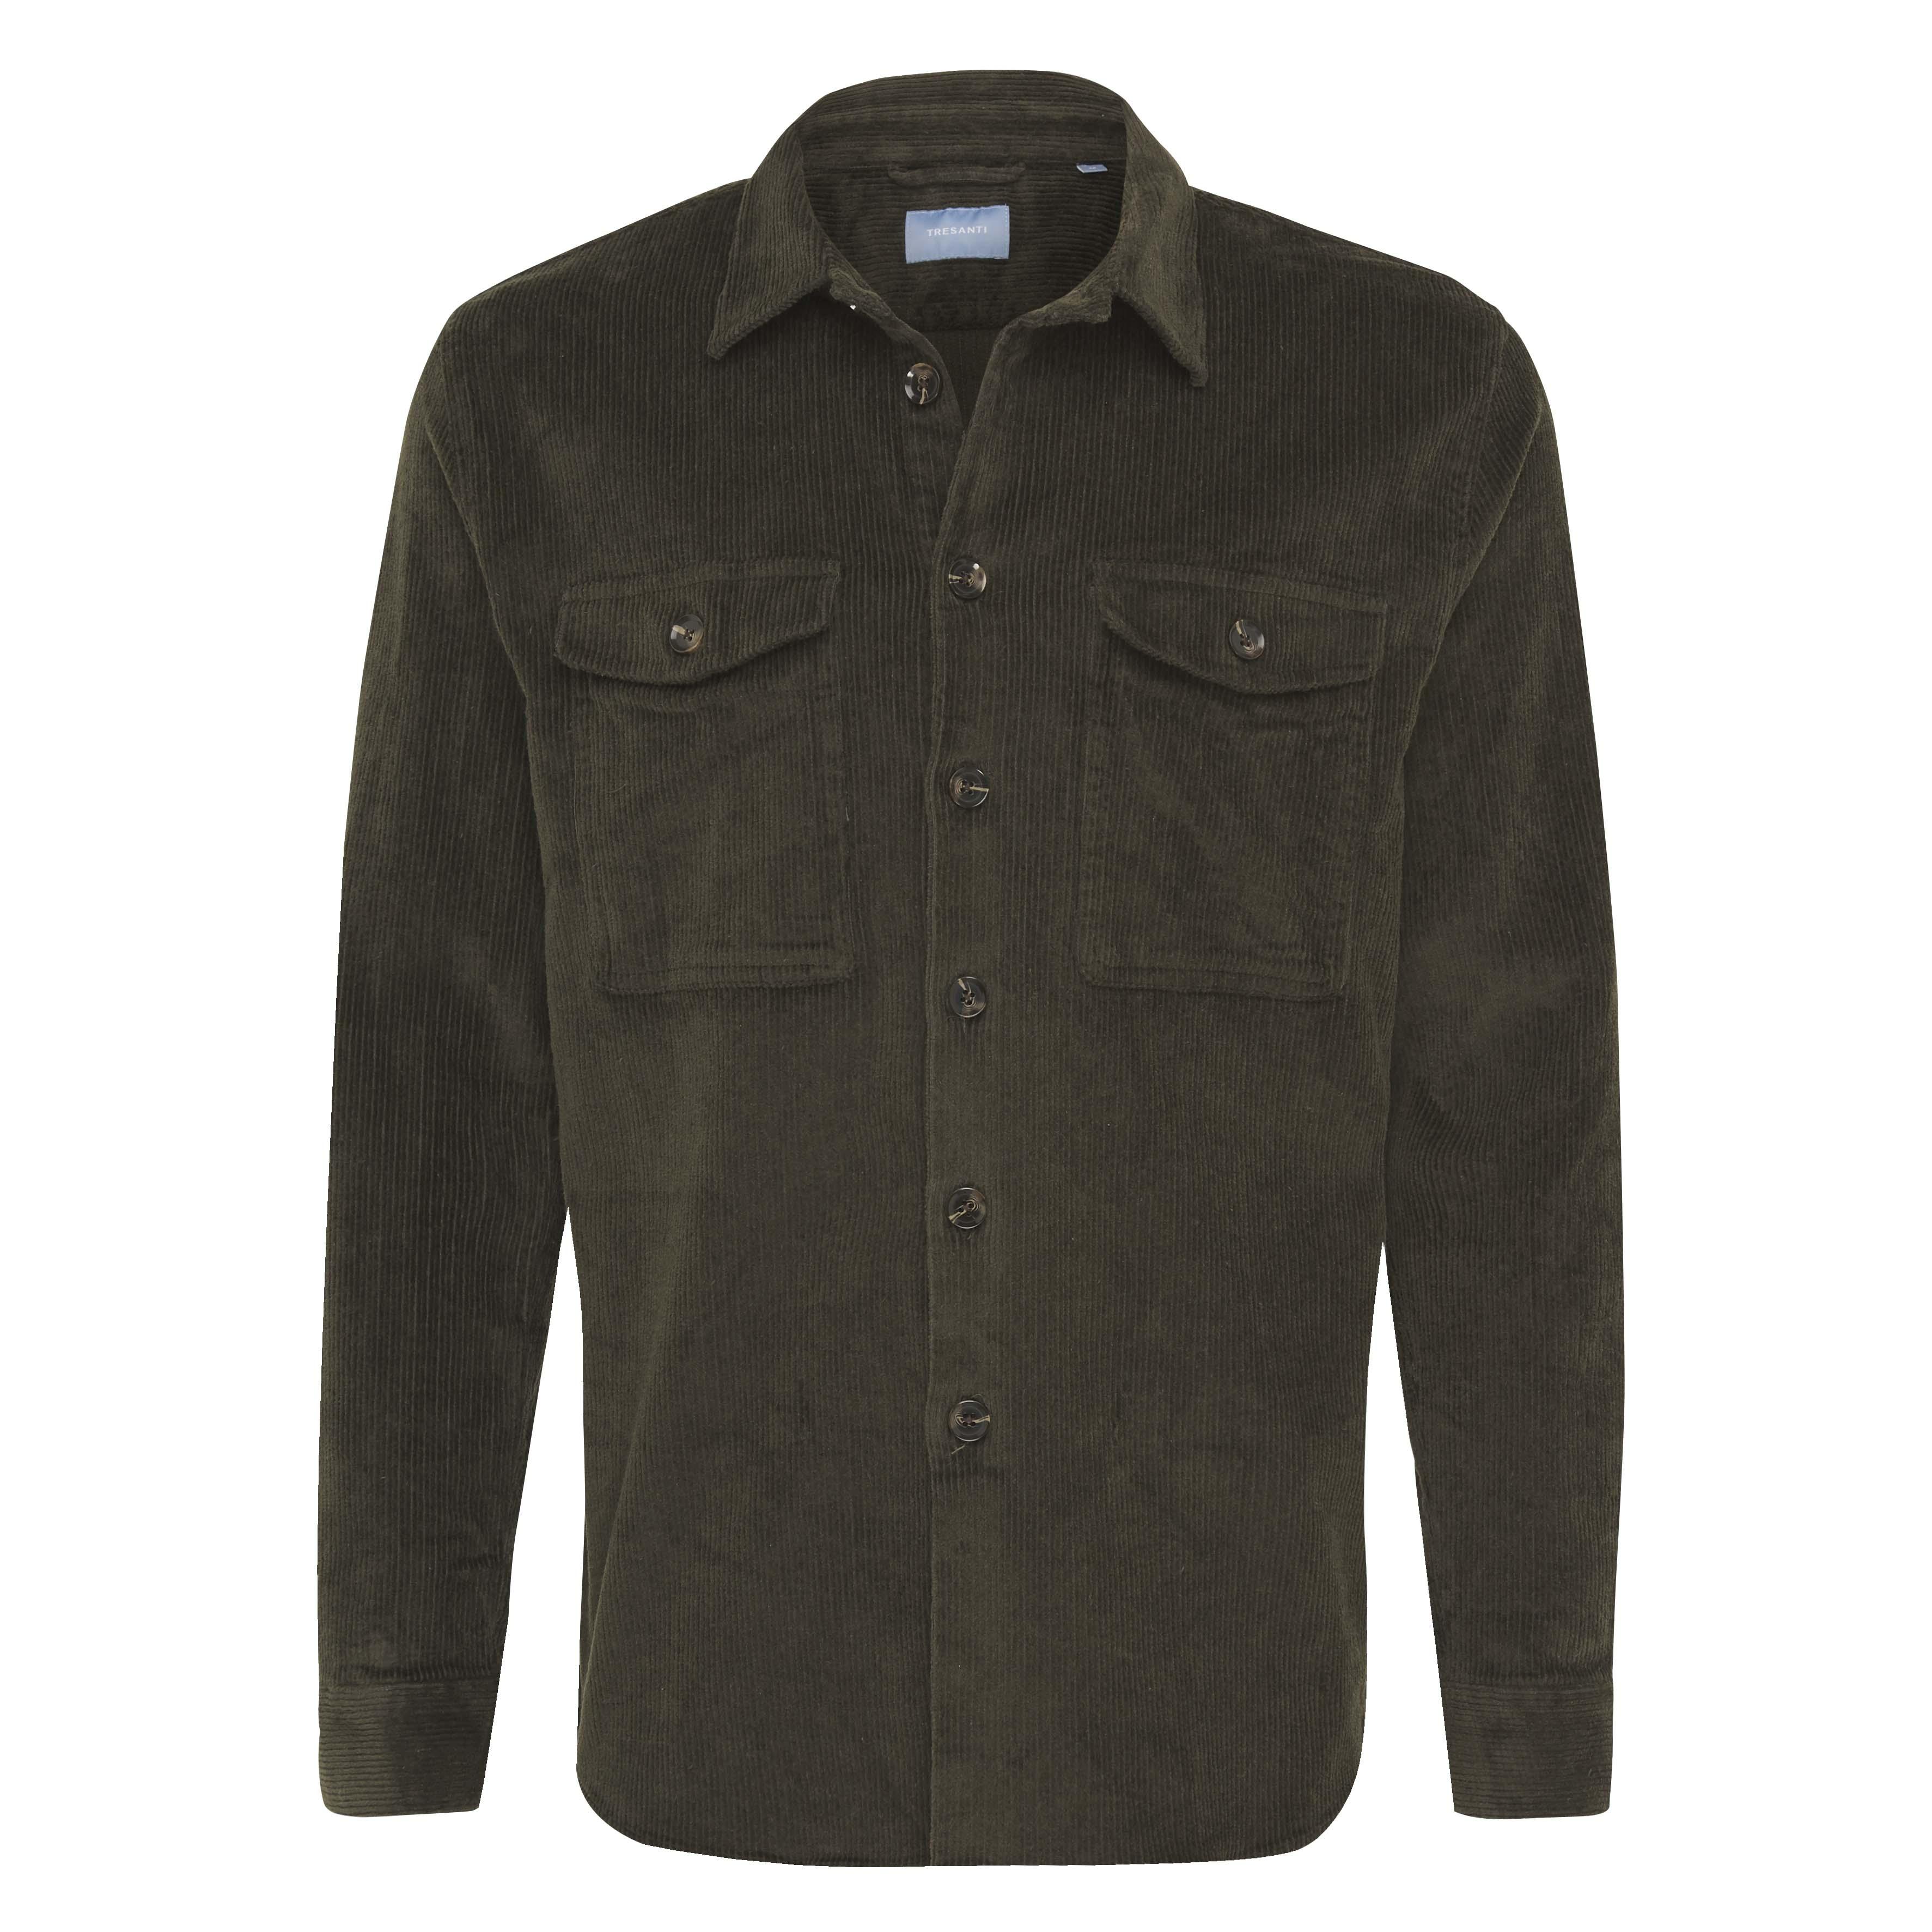 Jiro   Overshirt corduroy dark green